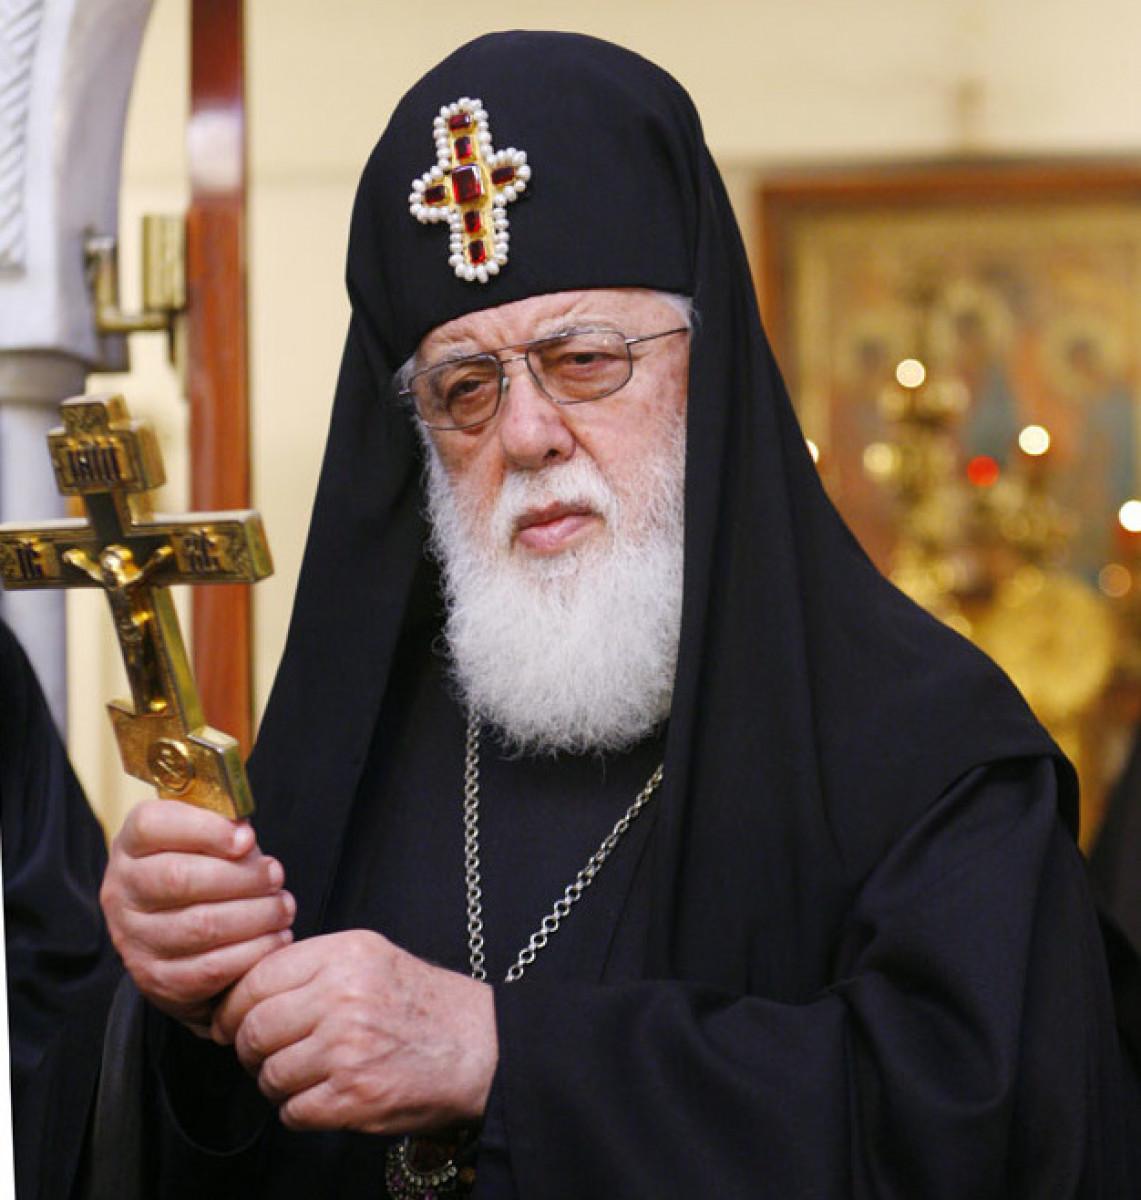 სრულიად საქართველოს კათოლიკოს-პატრიარქის სამძიმარი (10.10.2021)